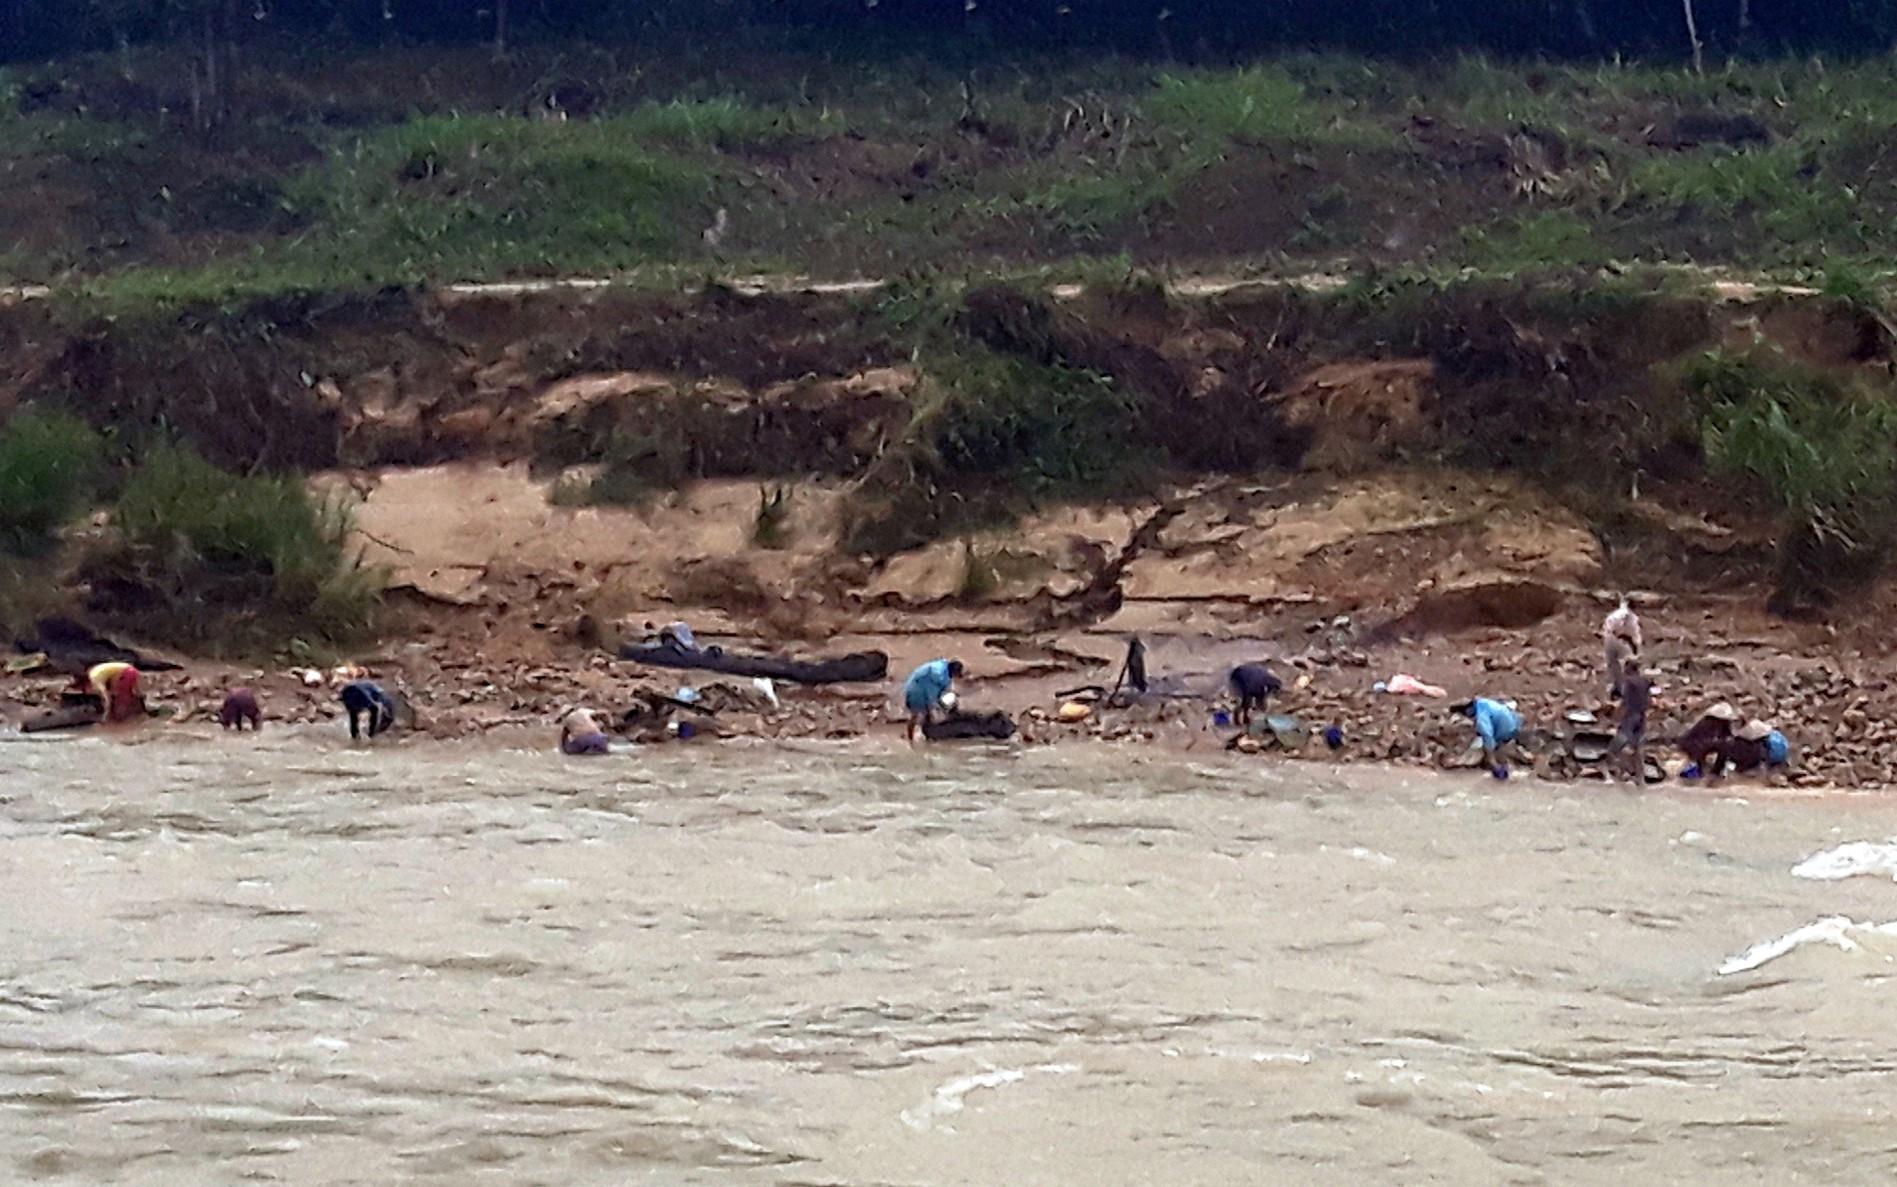 Đứt cầu treo, học sinh lớp 4 rơi xuống sông mất tích trên đường đi học - Ảnh 1.